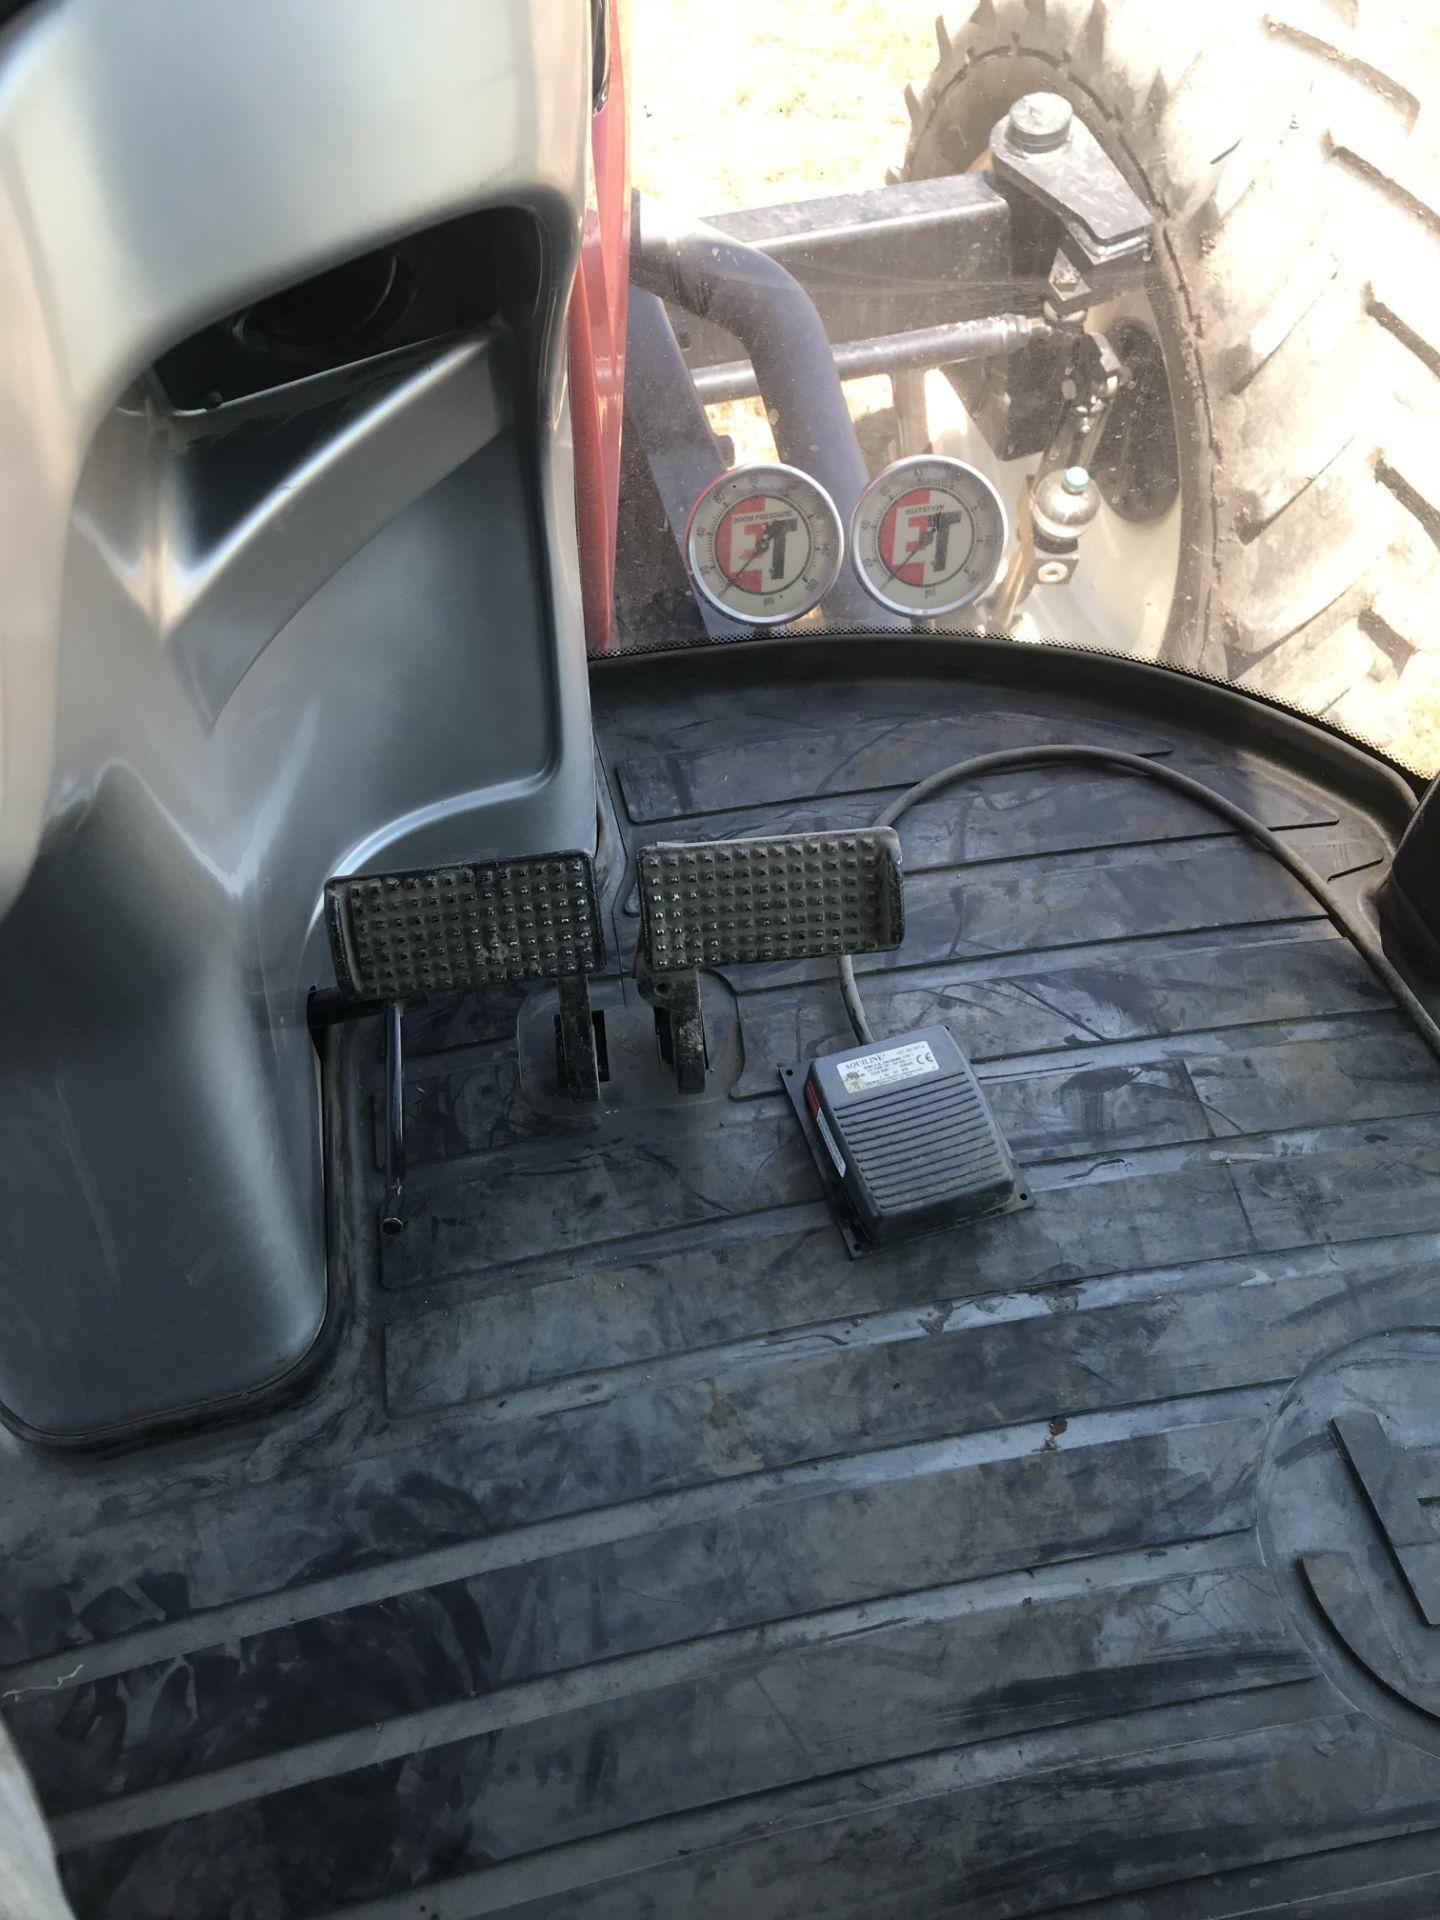 Lot 6 - 2014 Apache AS720, 6.7lt Cummings Diesel, S#9140706, 750gal Poly Tank, 60/90' Booms, Auto Steer &